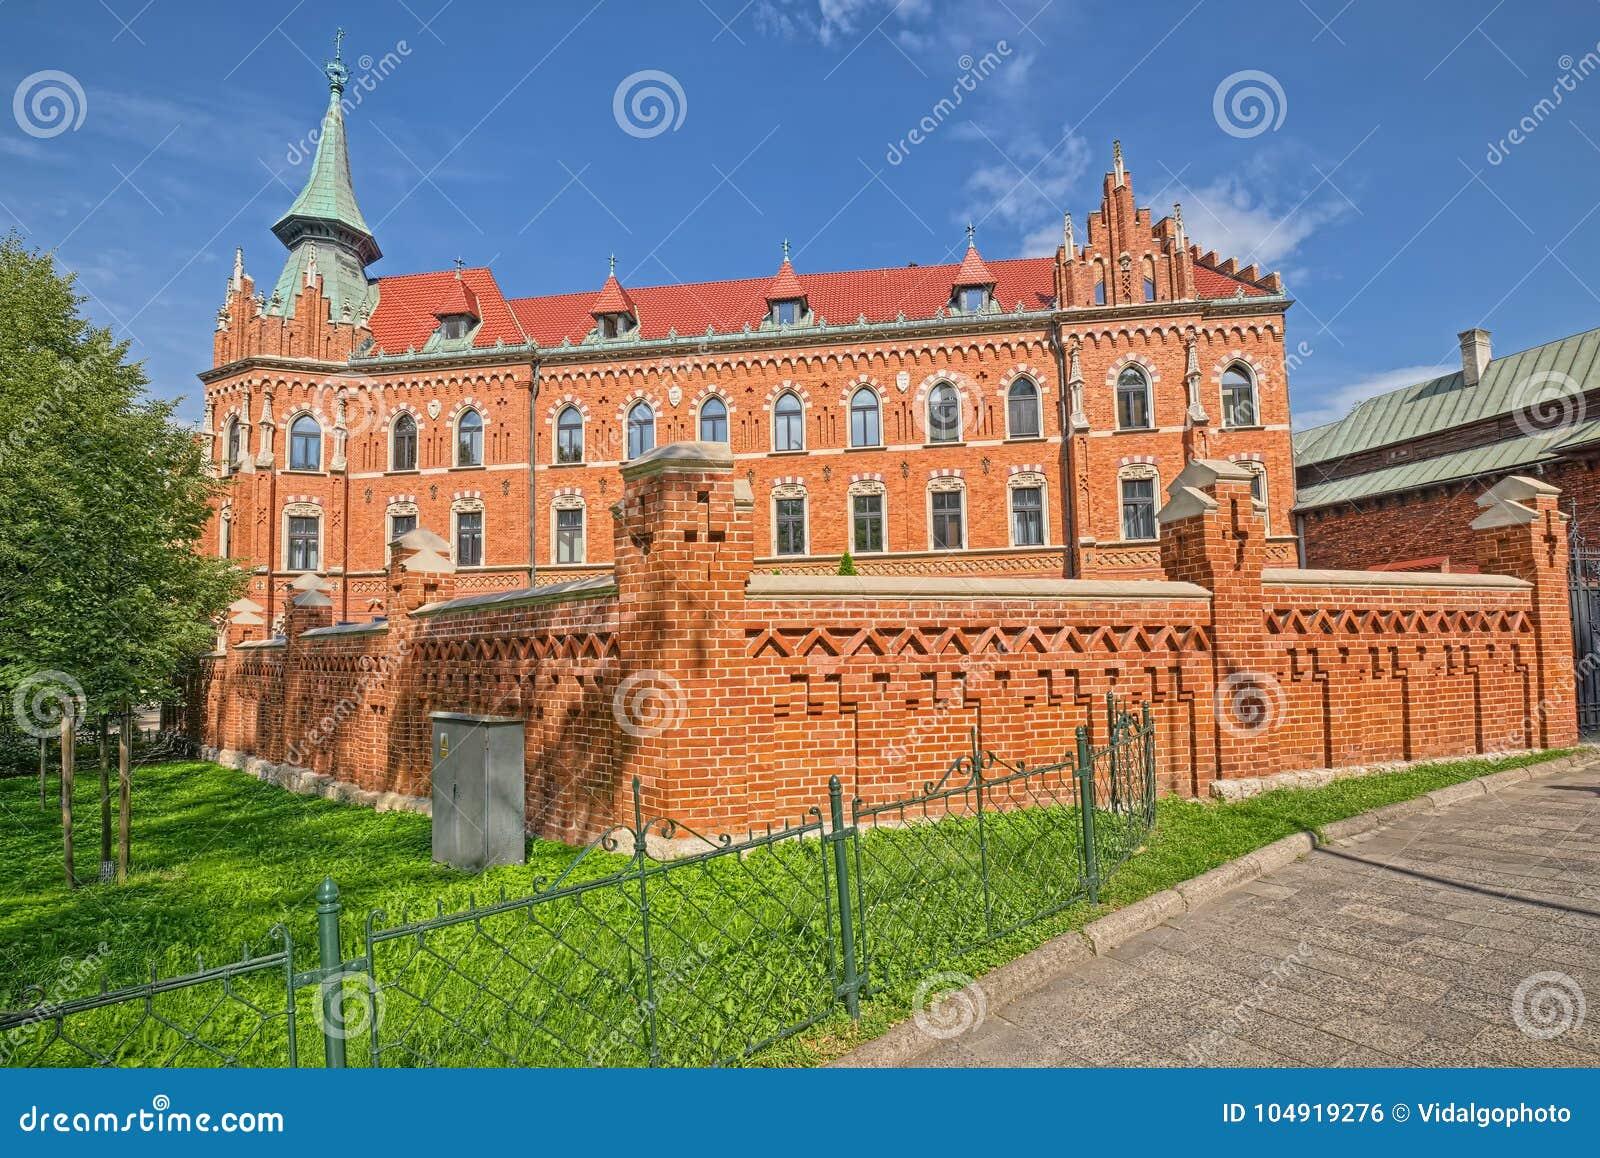 克拉科夫,克拉科夫,波兰大主教管区温床大厦